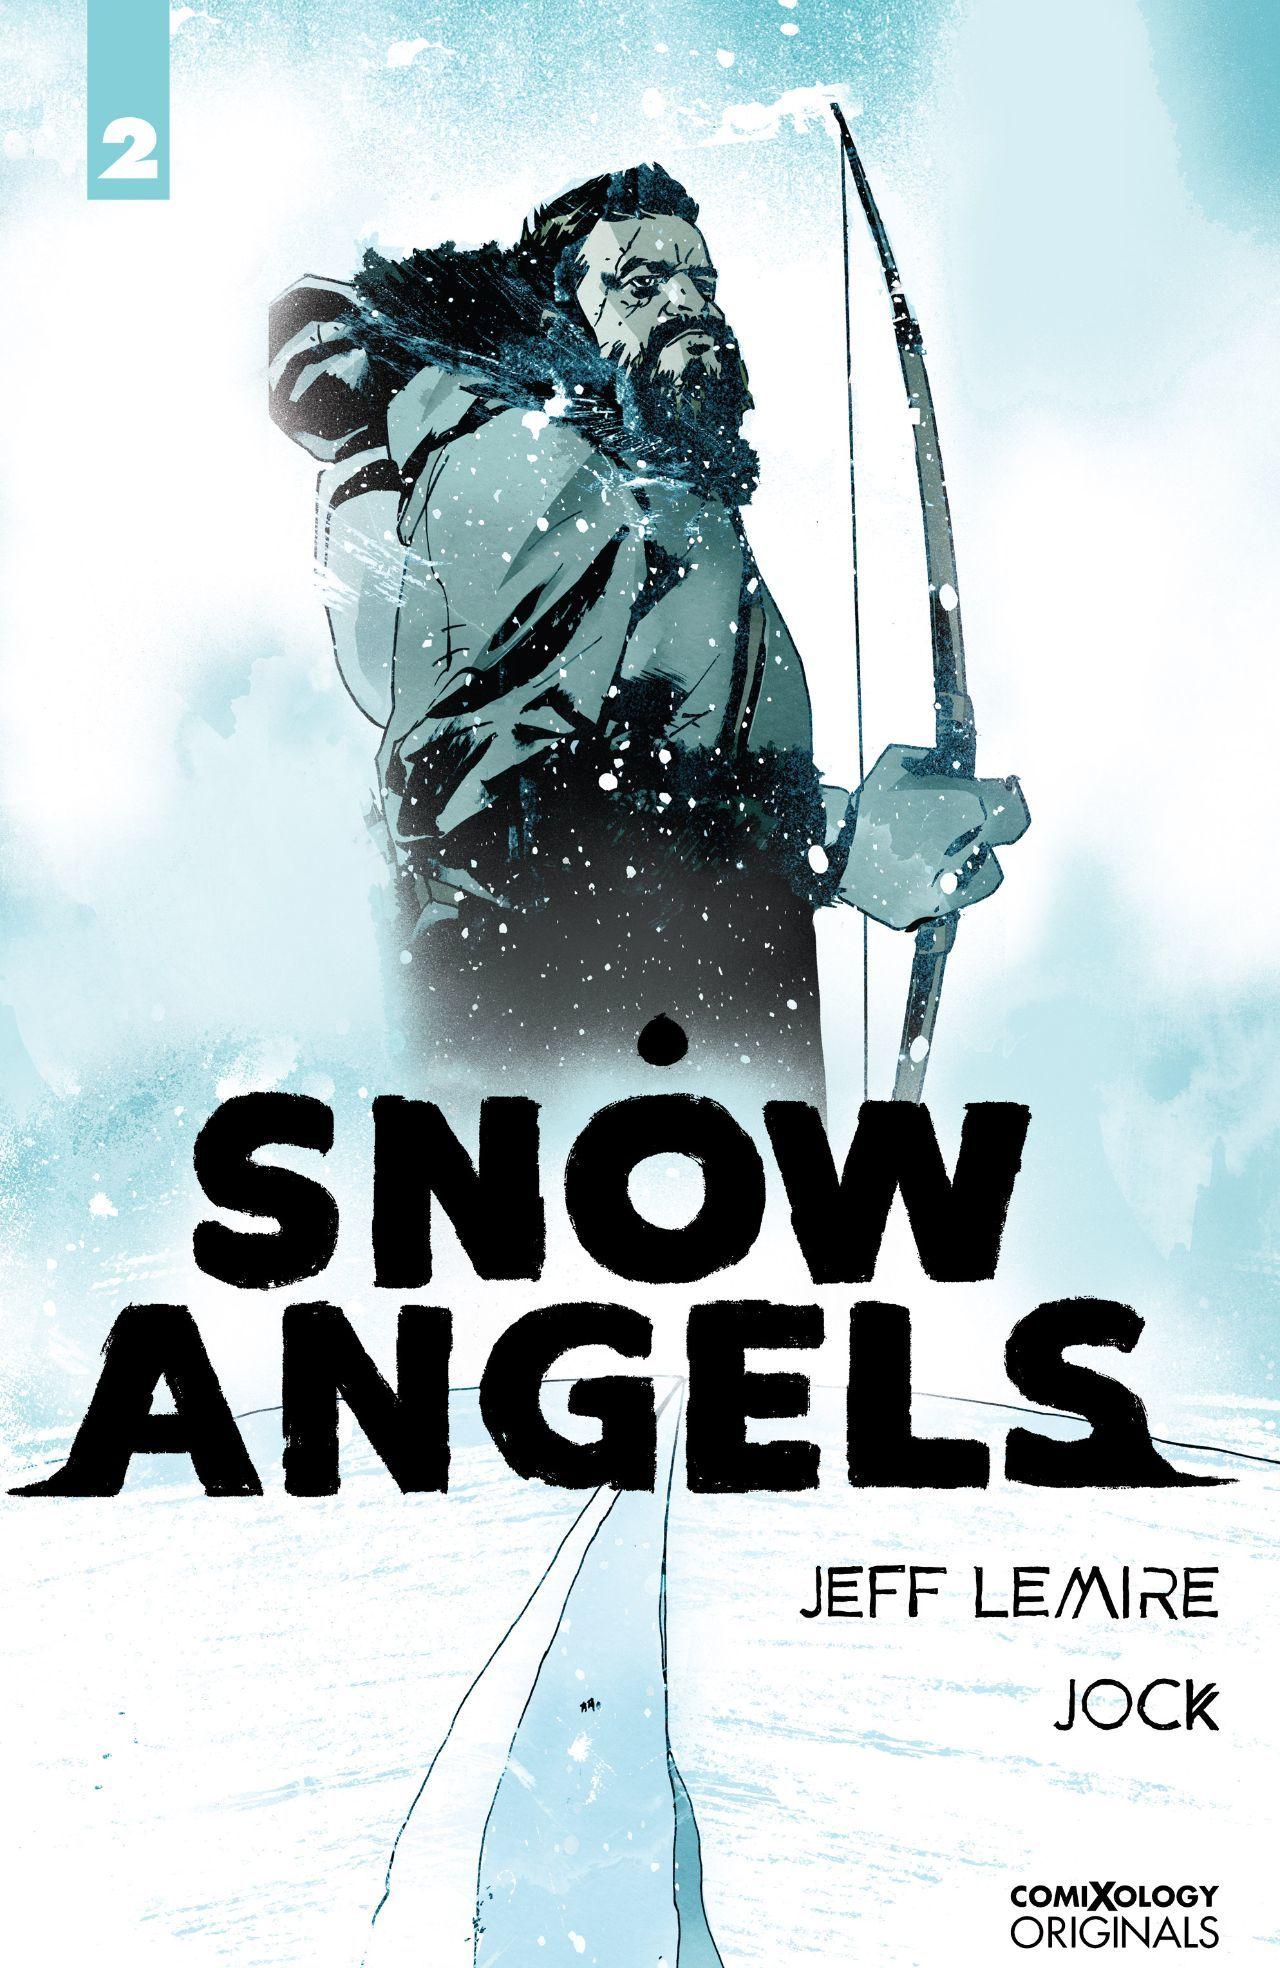 SnowAngelscomiXologyOriginals2-COVER